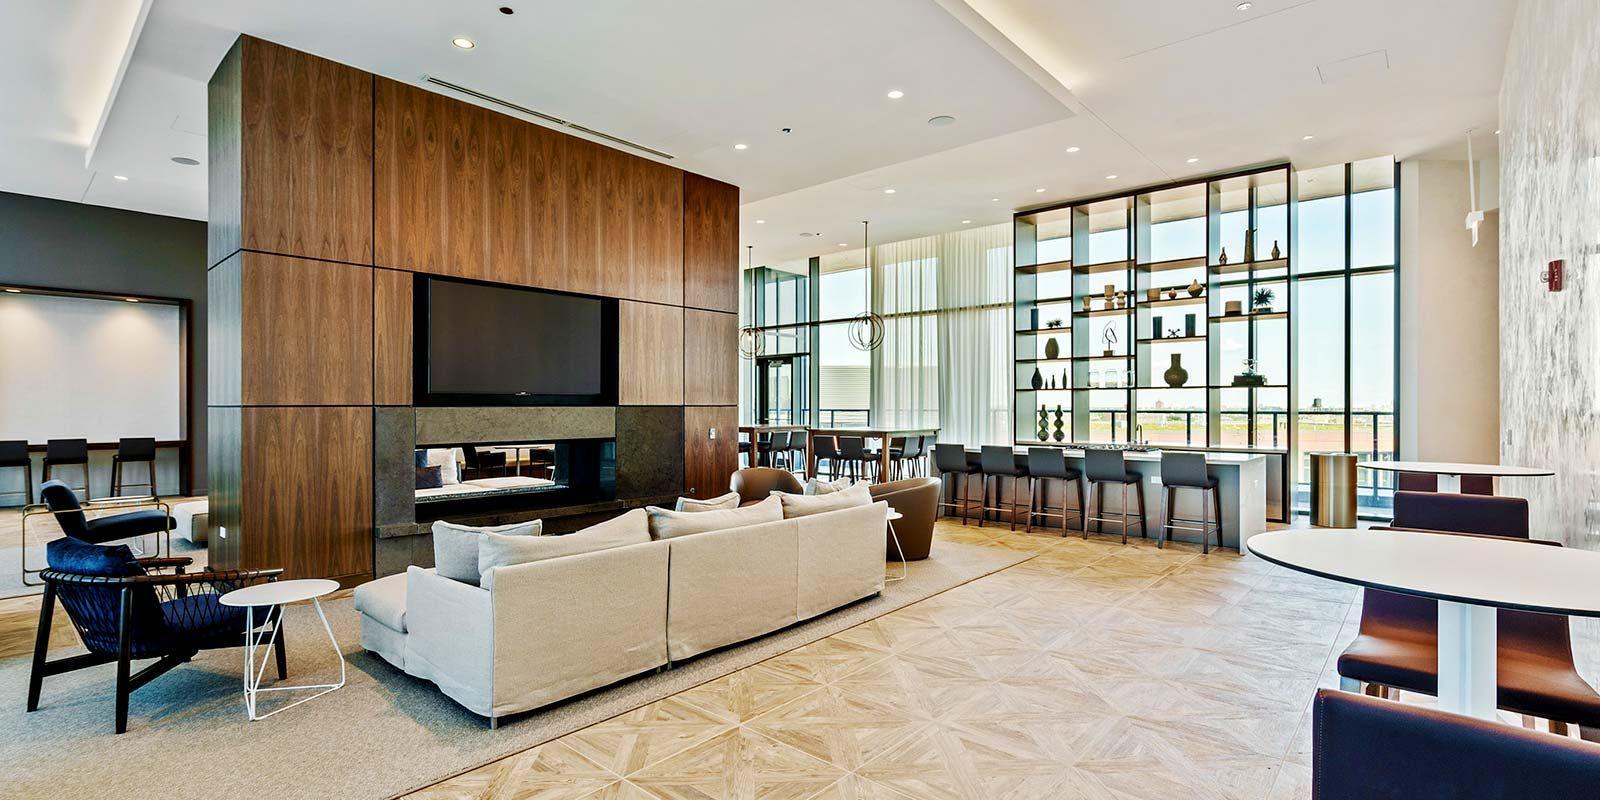 Top Floor Amenity Deck